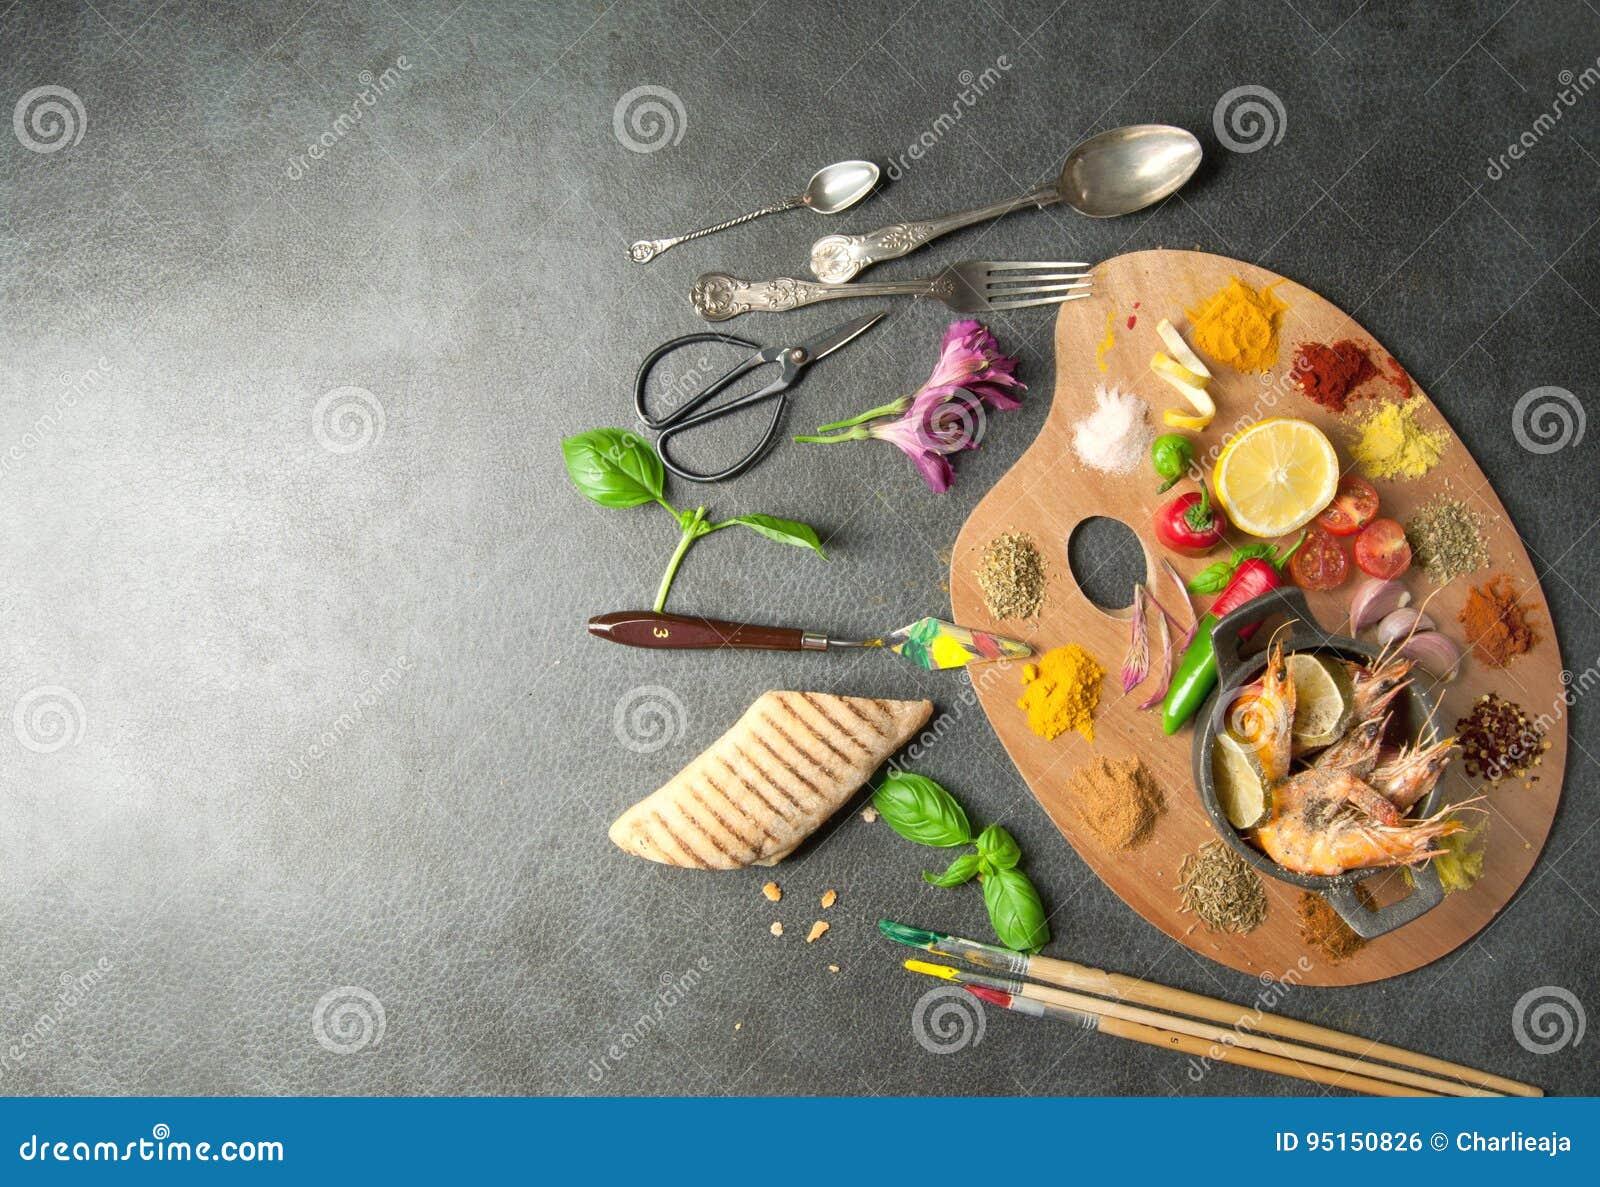 Food palette concept